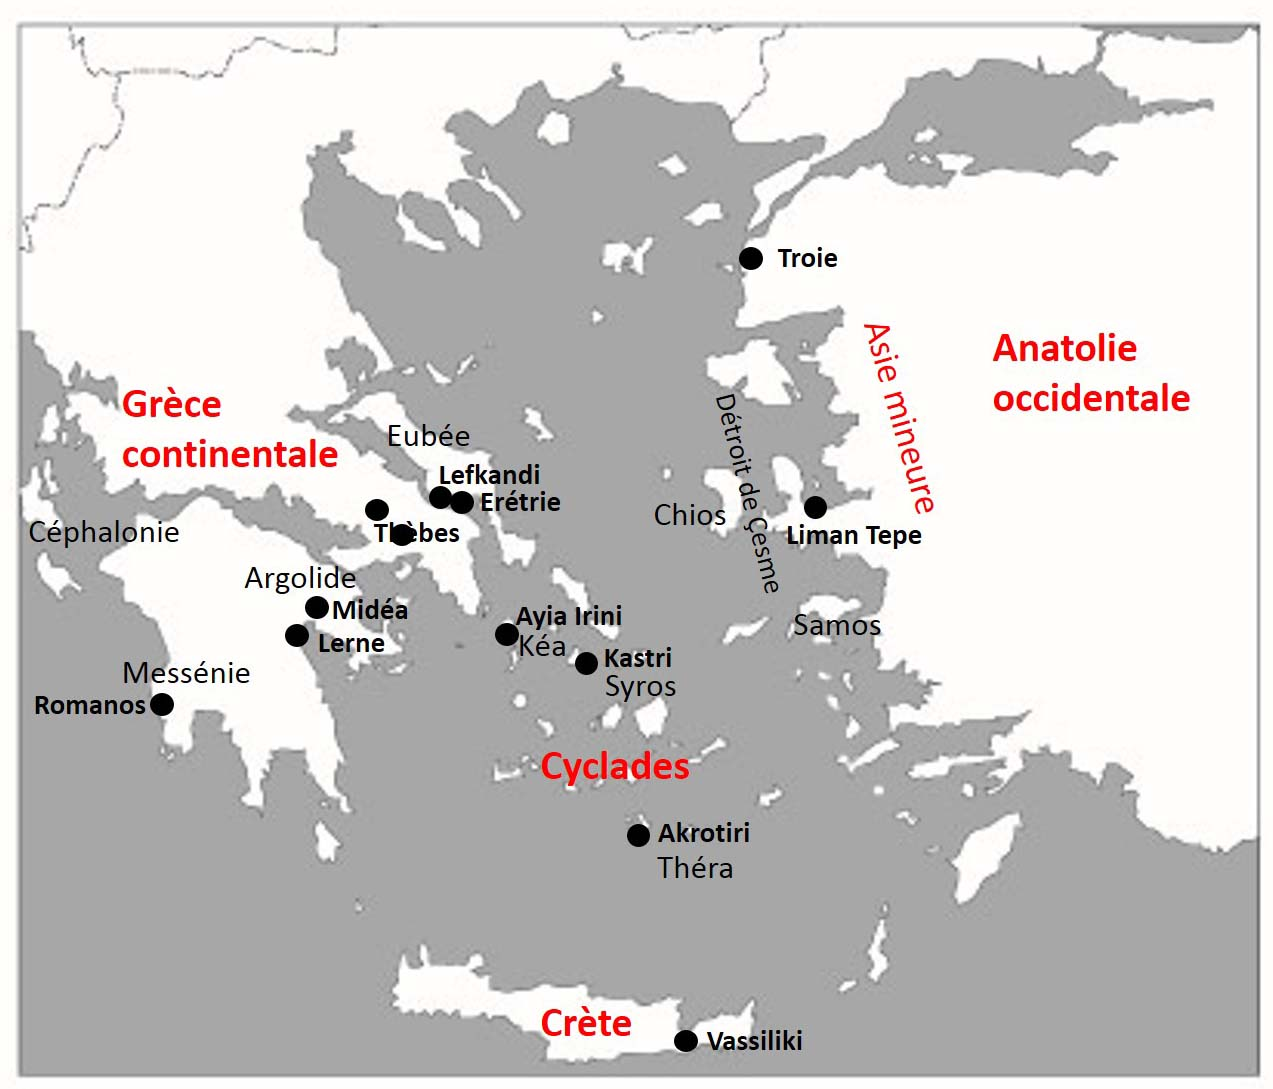 Carte Grece Crete Cyclades.Une Approche Ceramologique Des Relations Egee Anatolie Au 3e